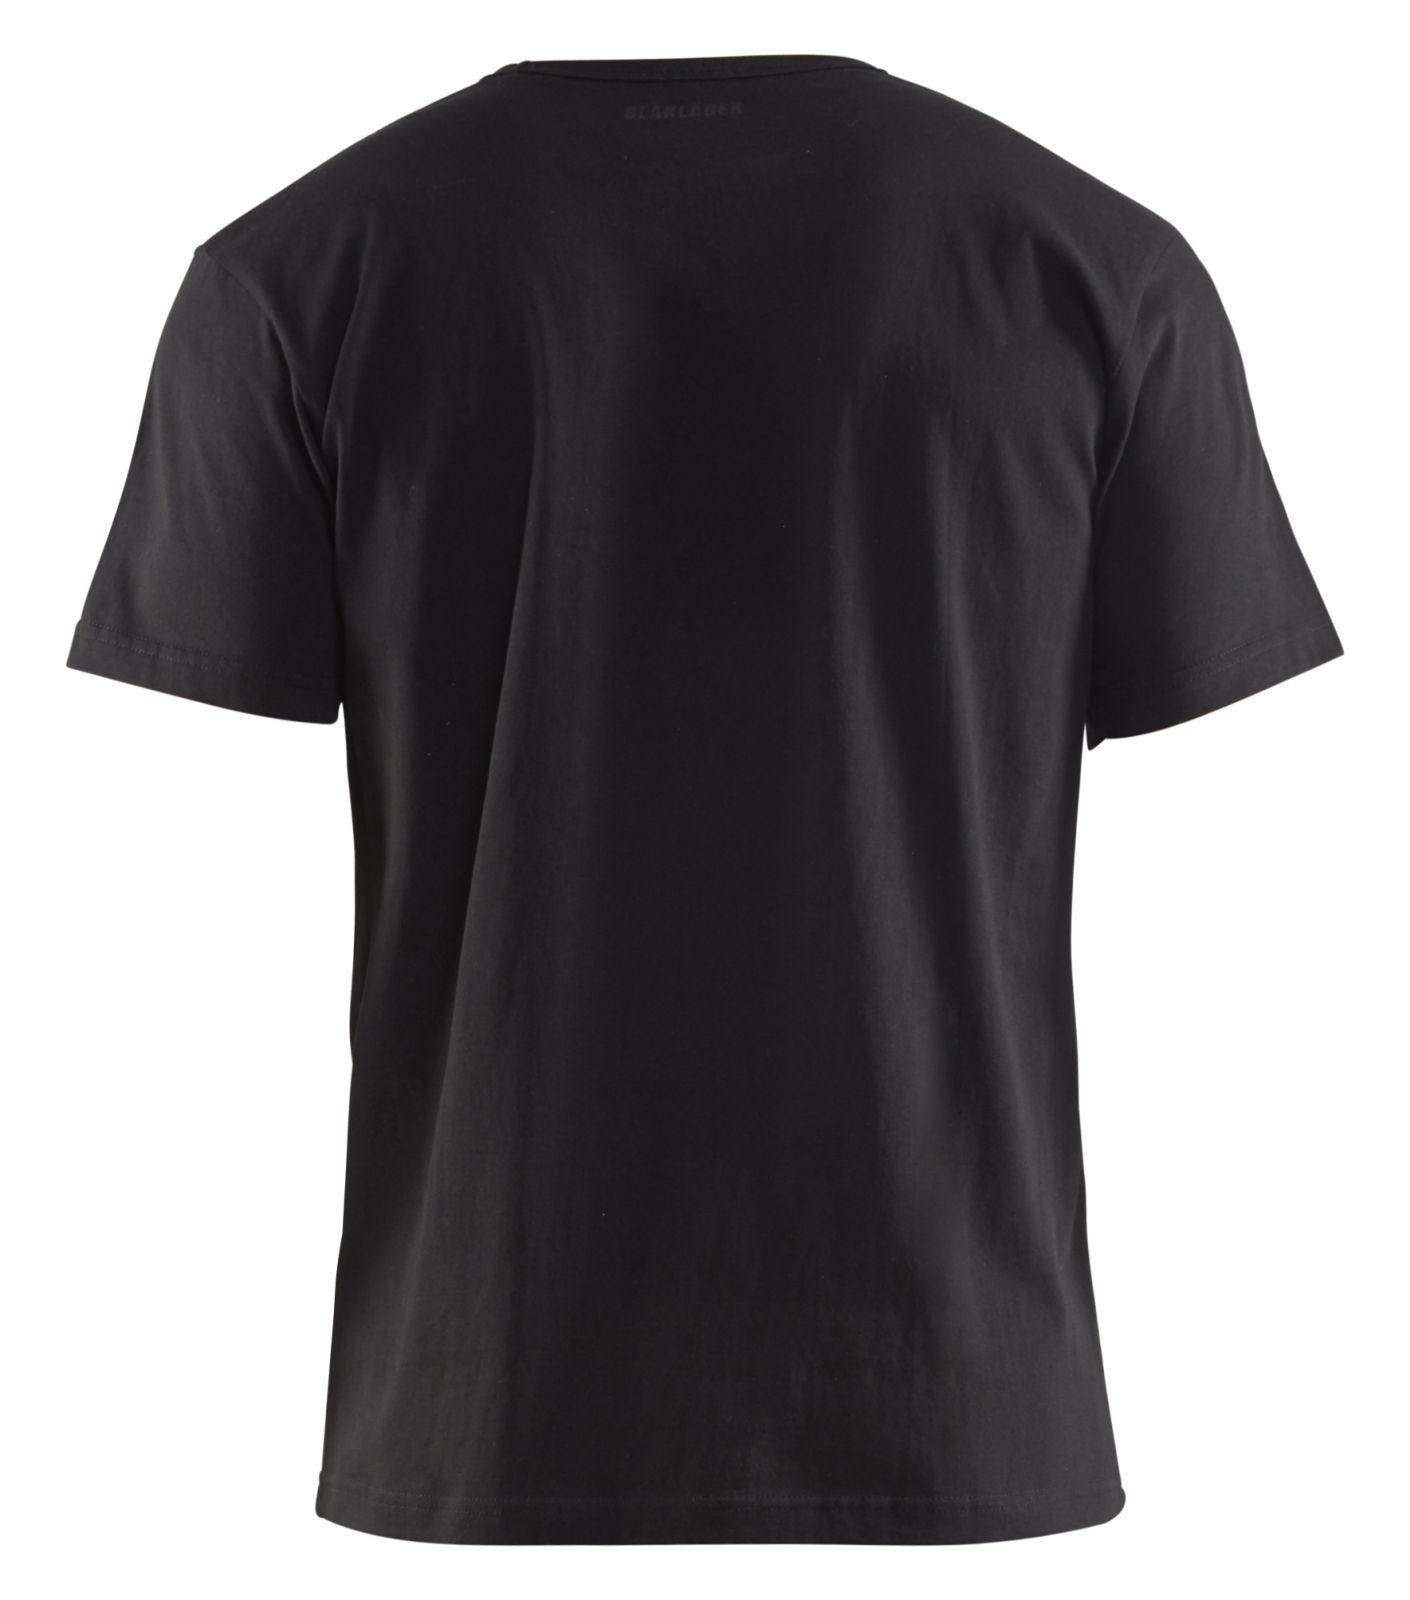 Blaklader T-shirts 91931042 zwart(9900)